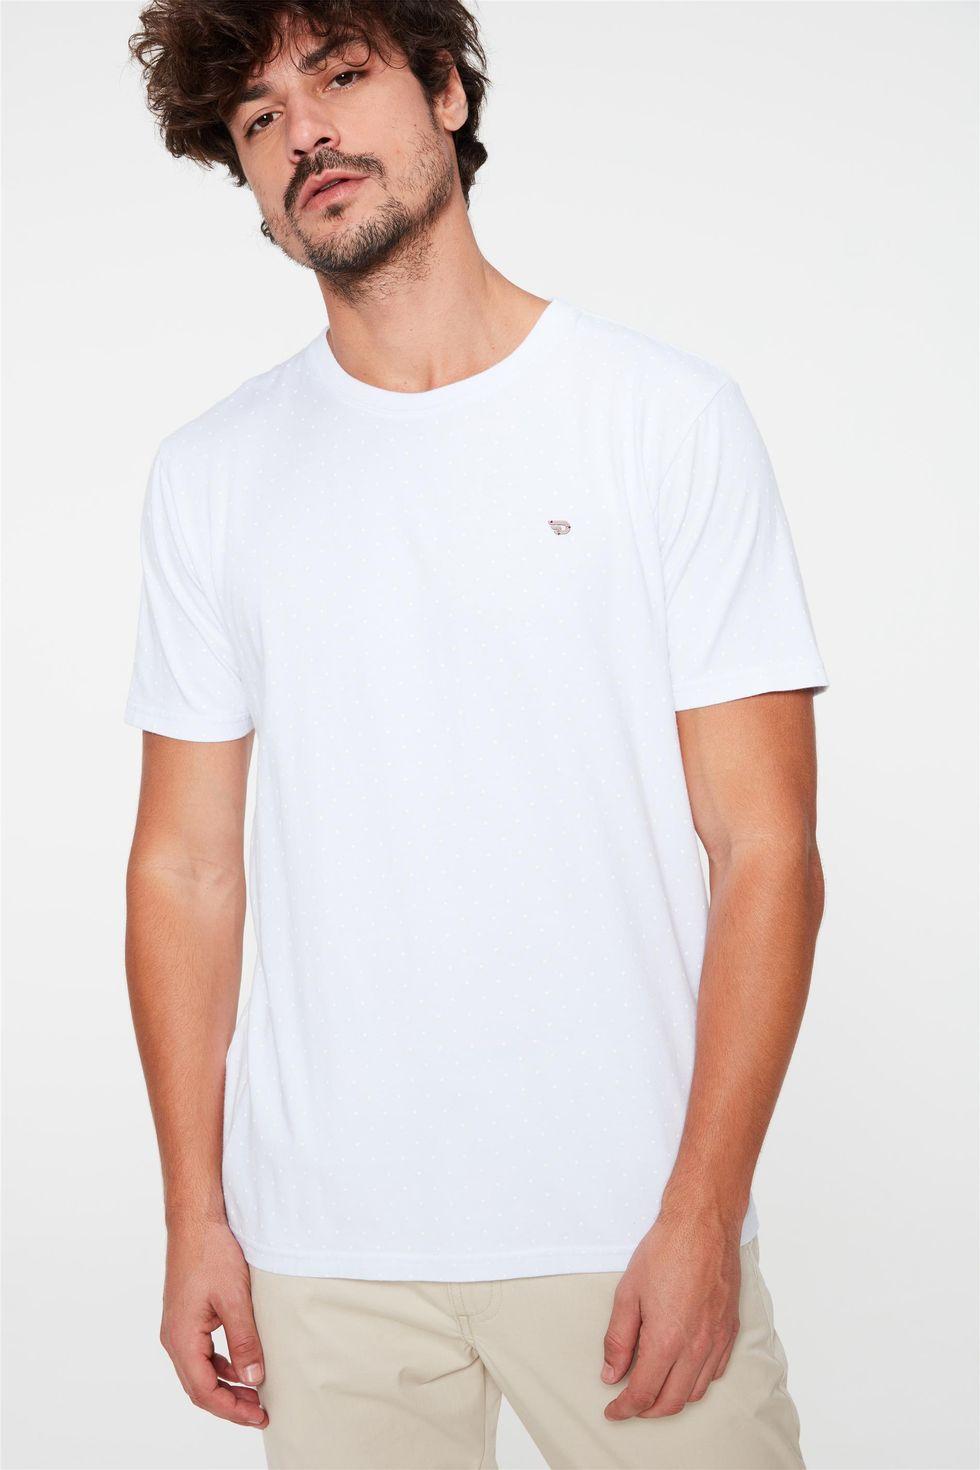 Camiseta-Estampa-de-Bolinhas-Masculina-Frente--